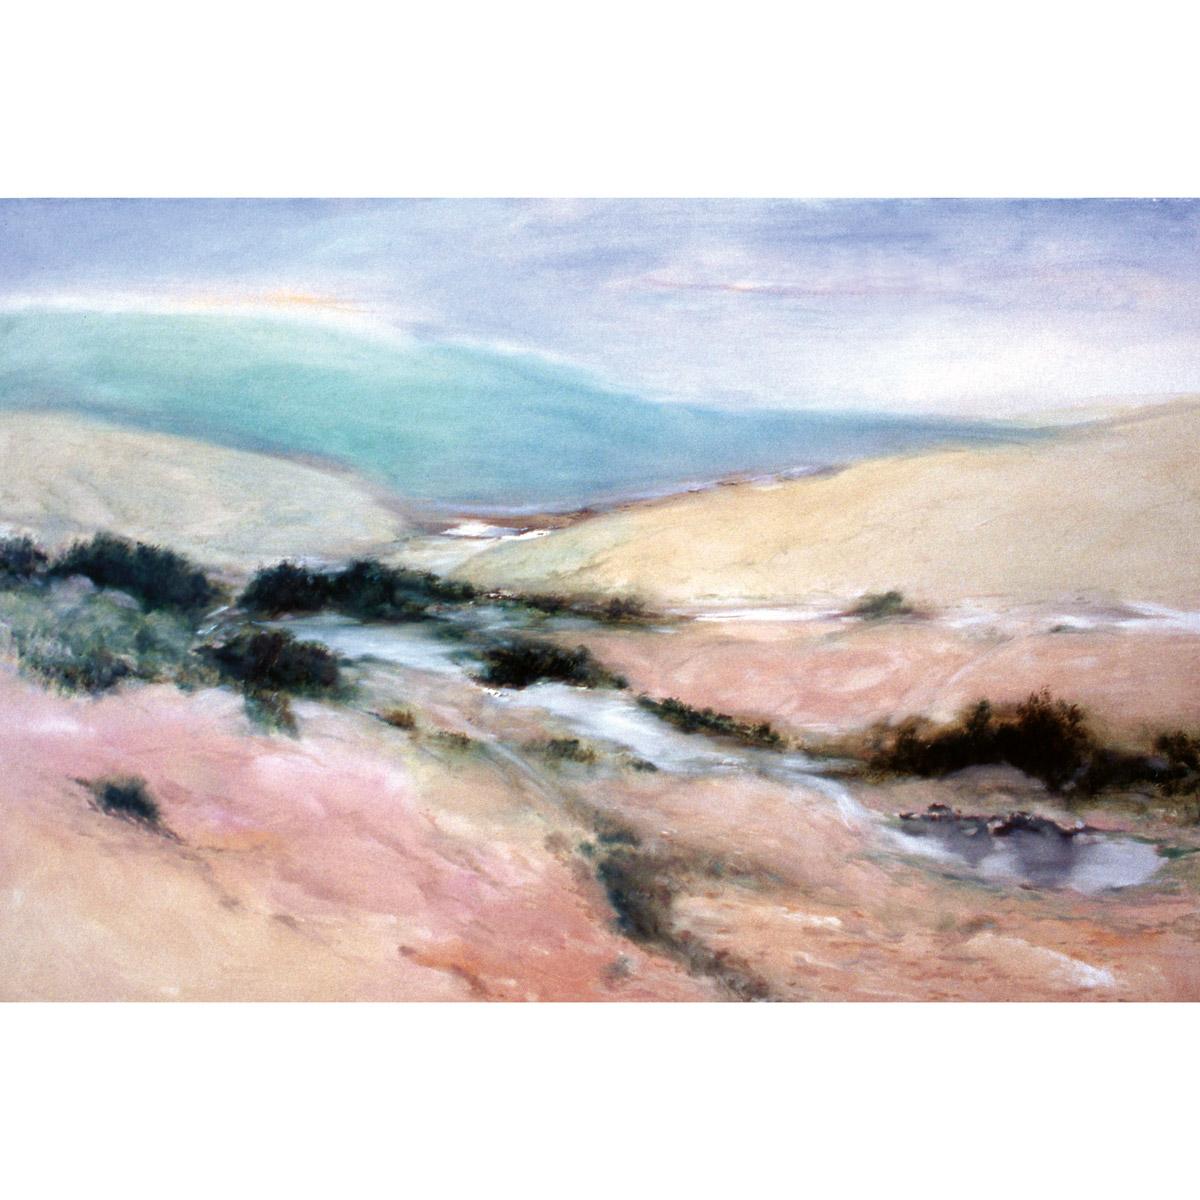 rashid al khalifa artwork 2008